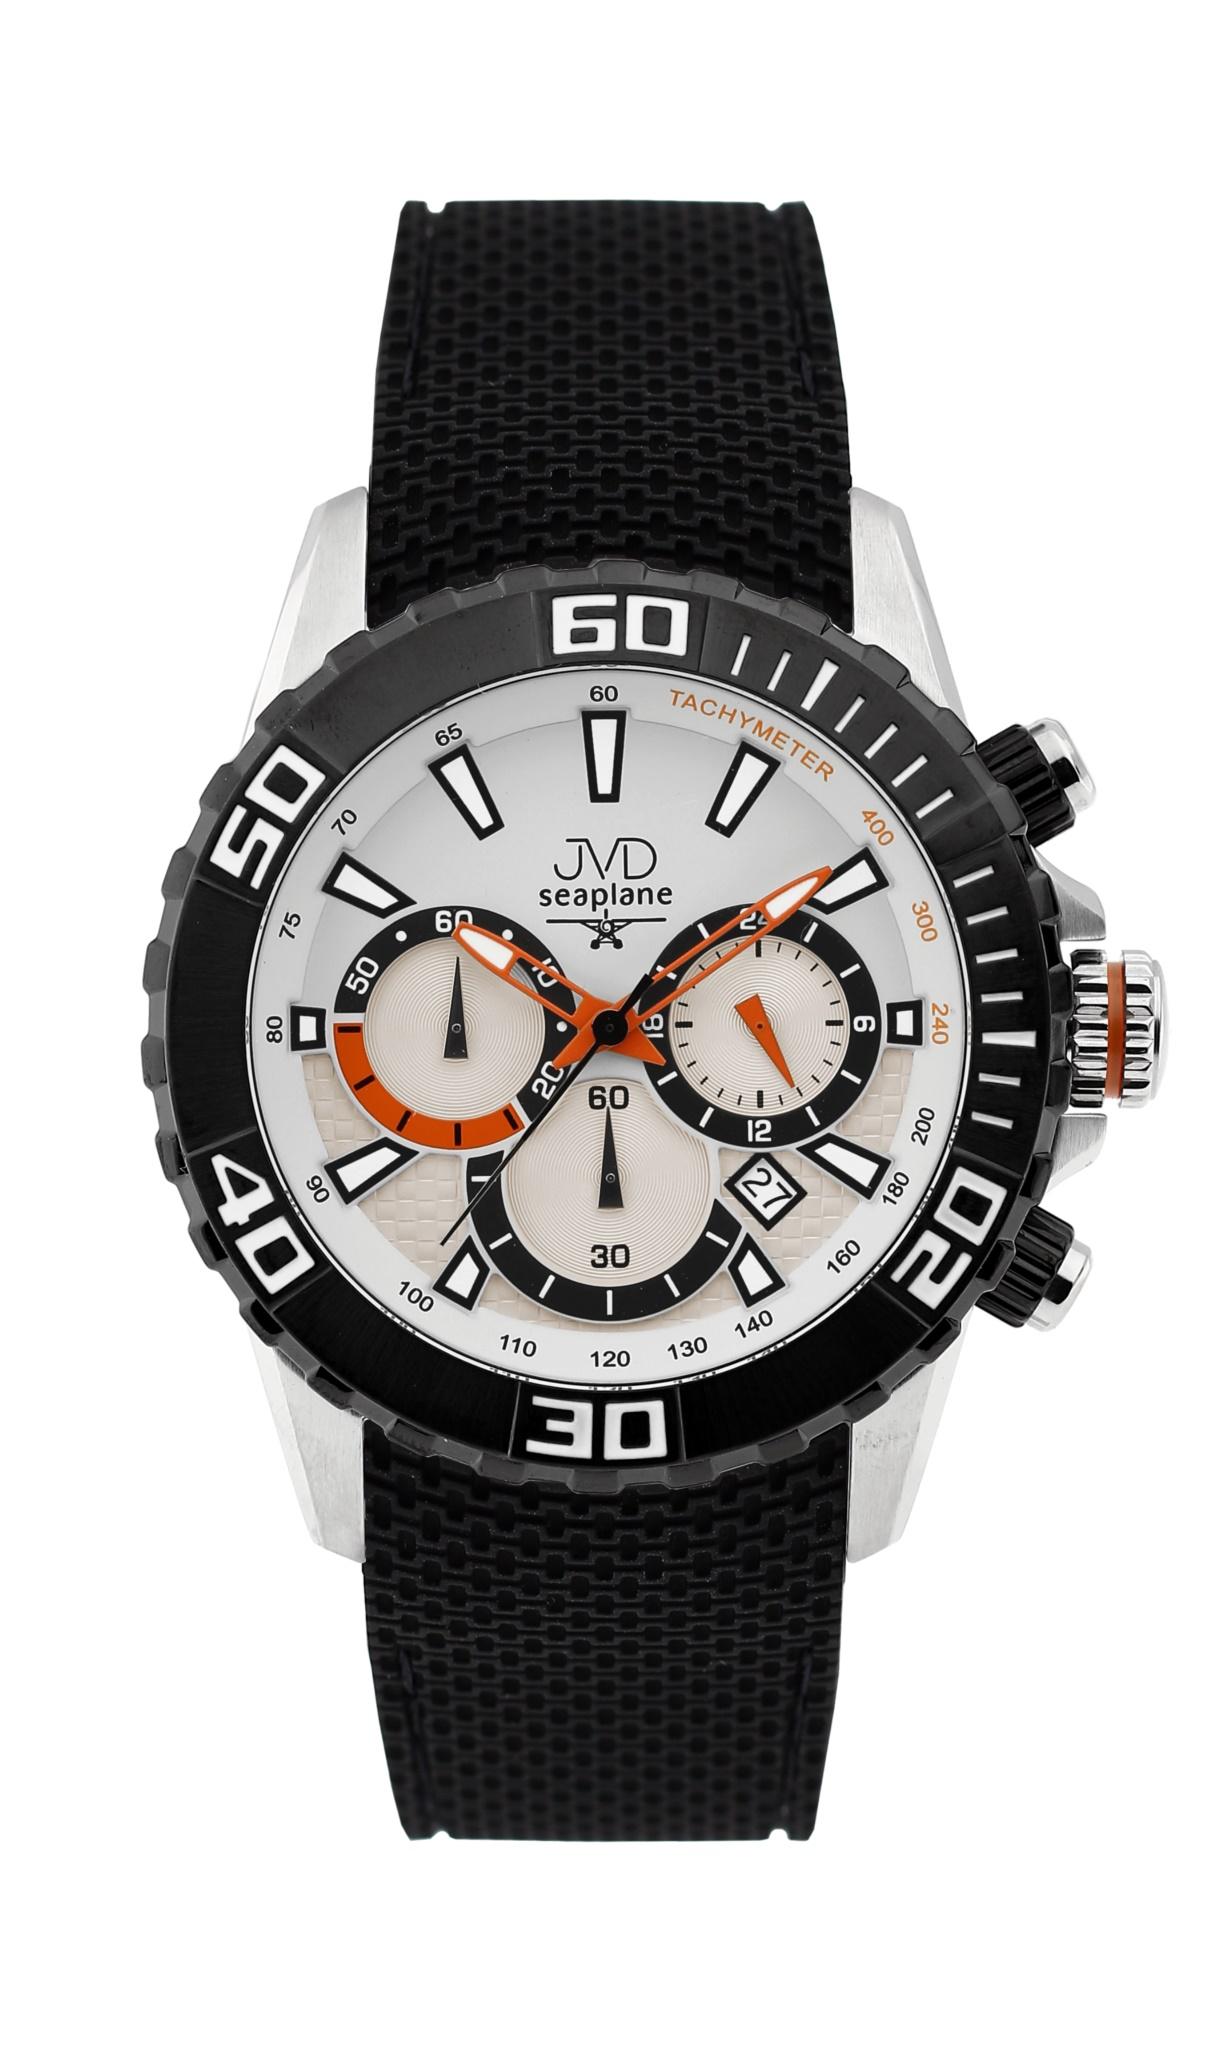 Vysoce odolné spotovní vodotěsné hodinky - chronograf JVD Seaplane J1090.1 (POŠTOVNÉ ZDARMA!!!)